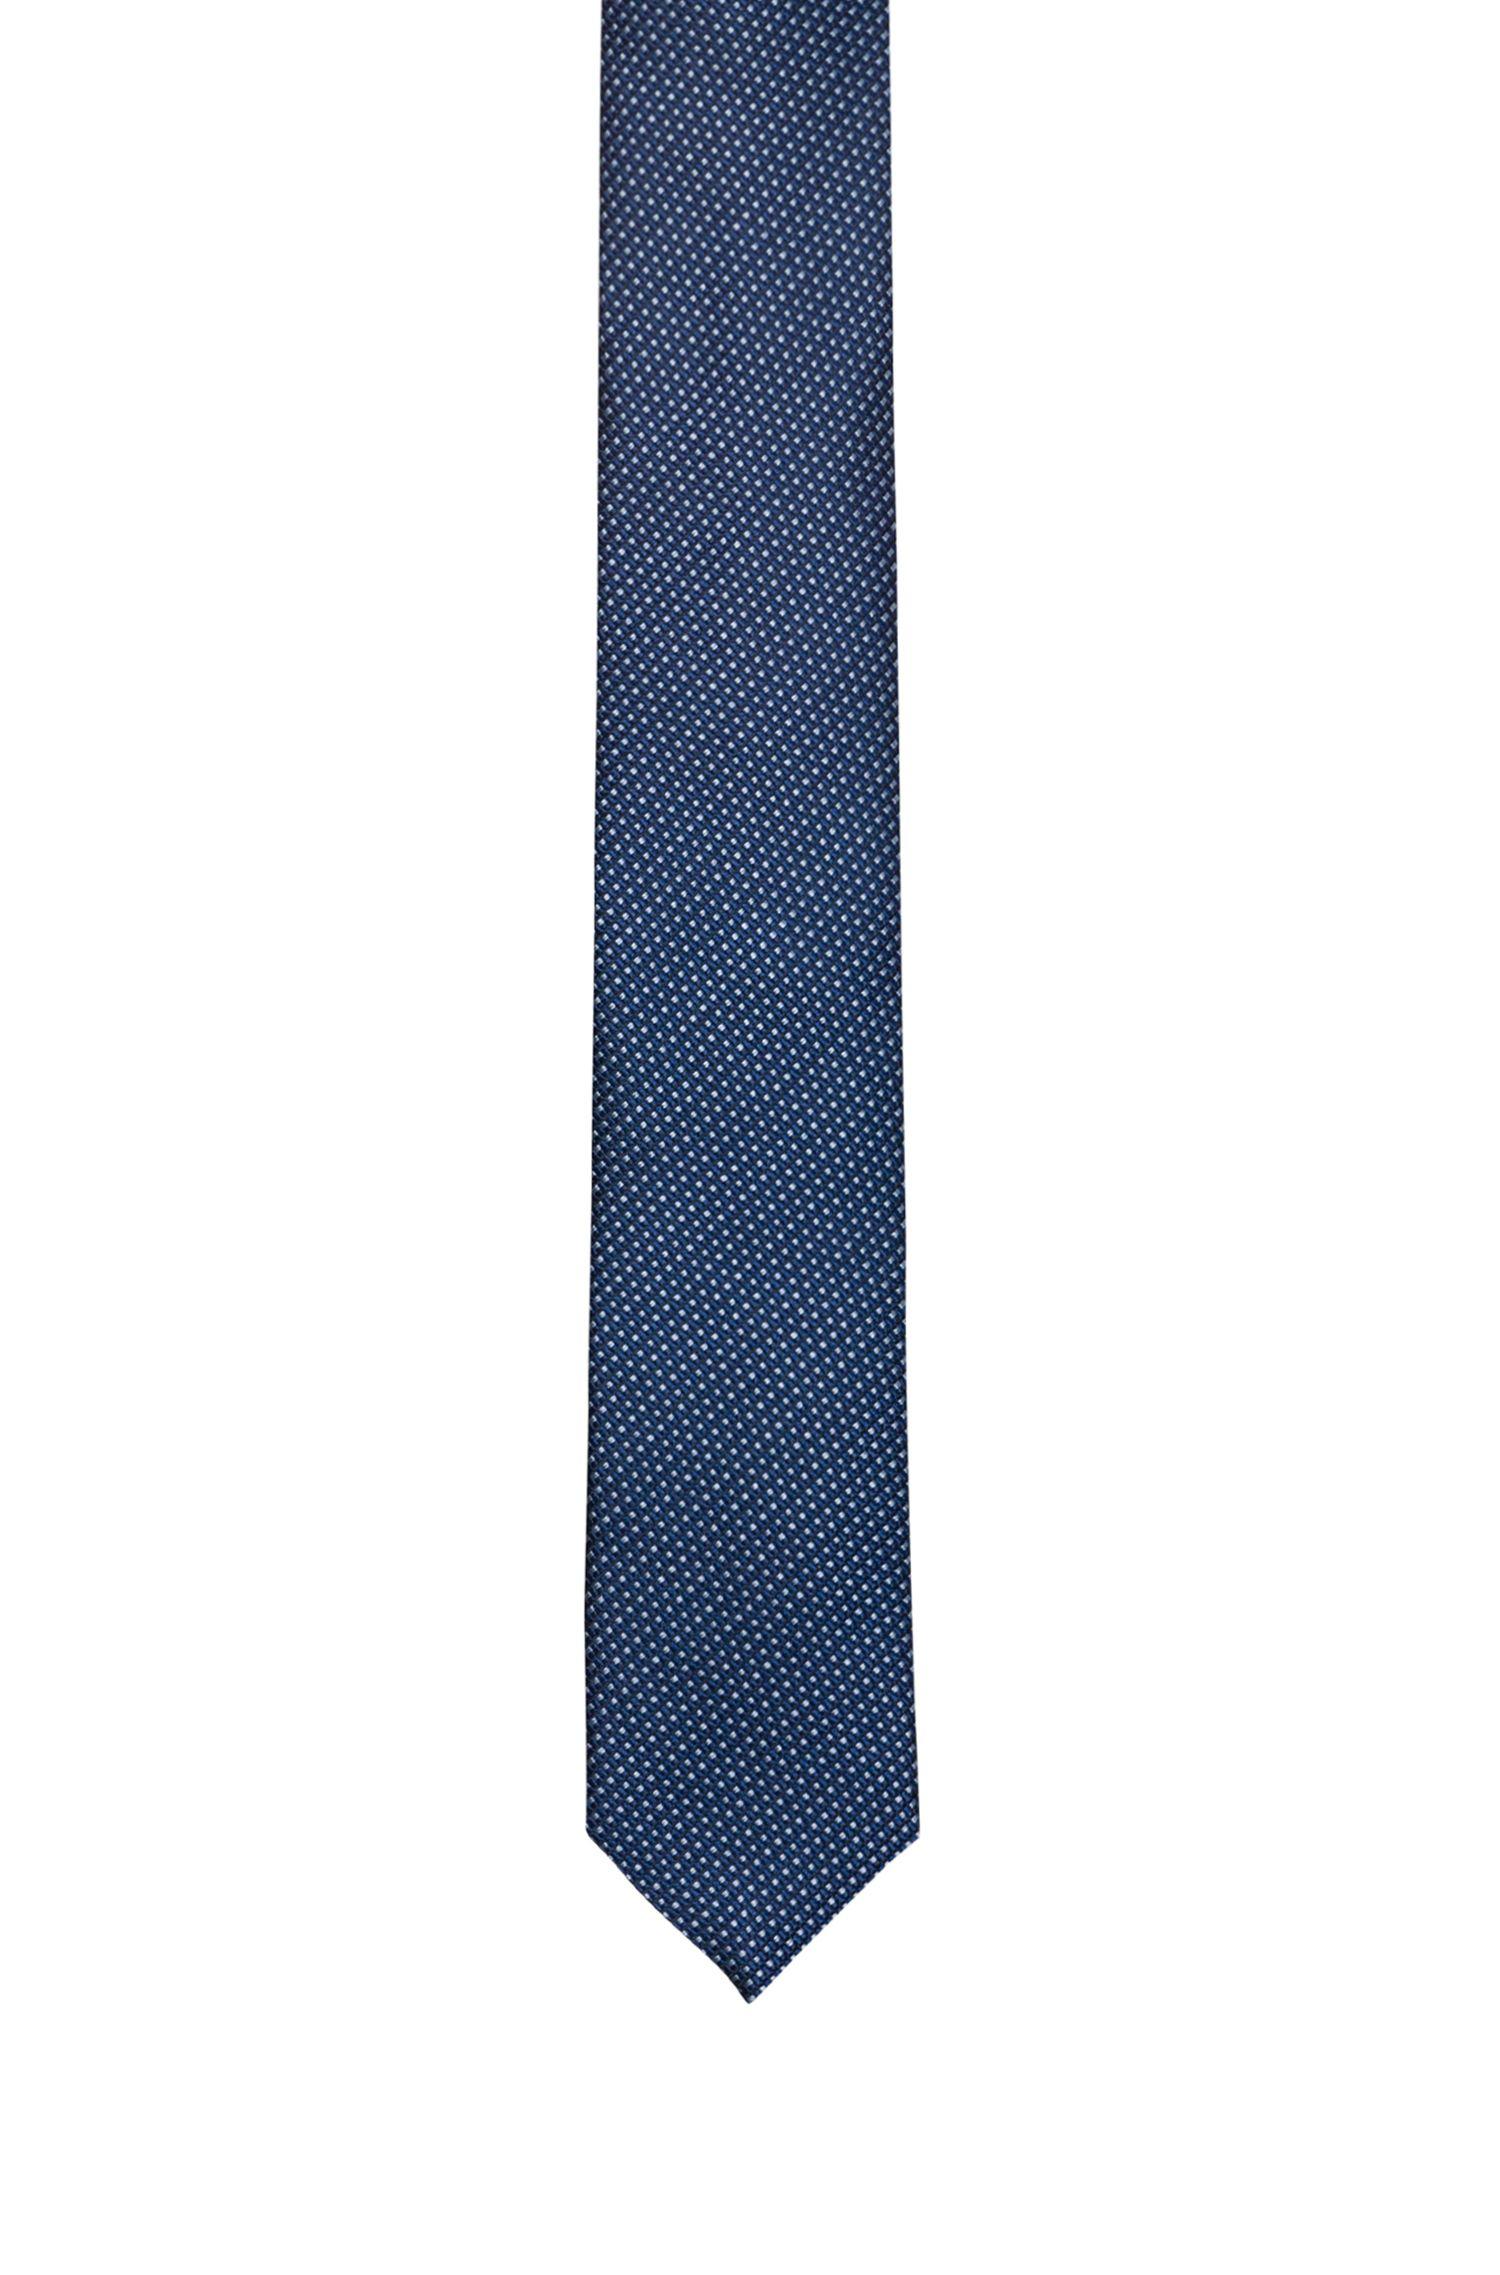 Cravate moderne en jacquard de soie à micro-motif